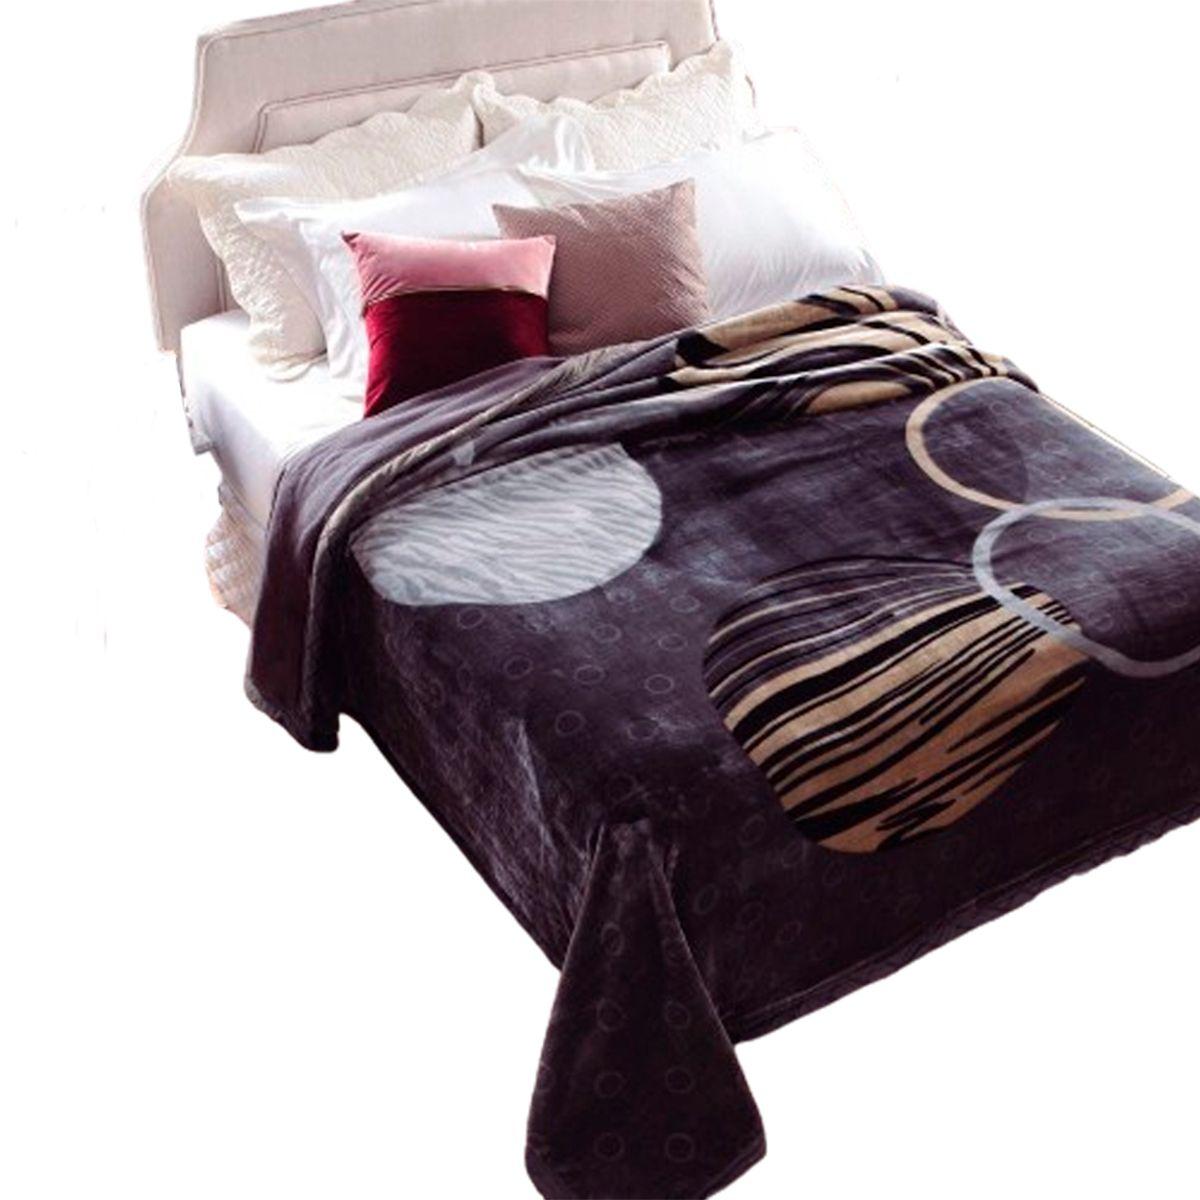 Cobertor Raschel Double Action Casal Atlantic 180x220cm